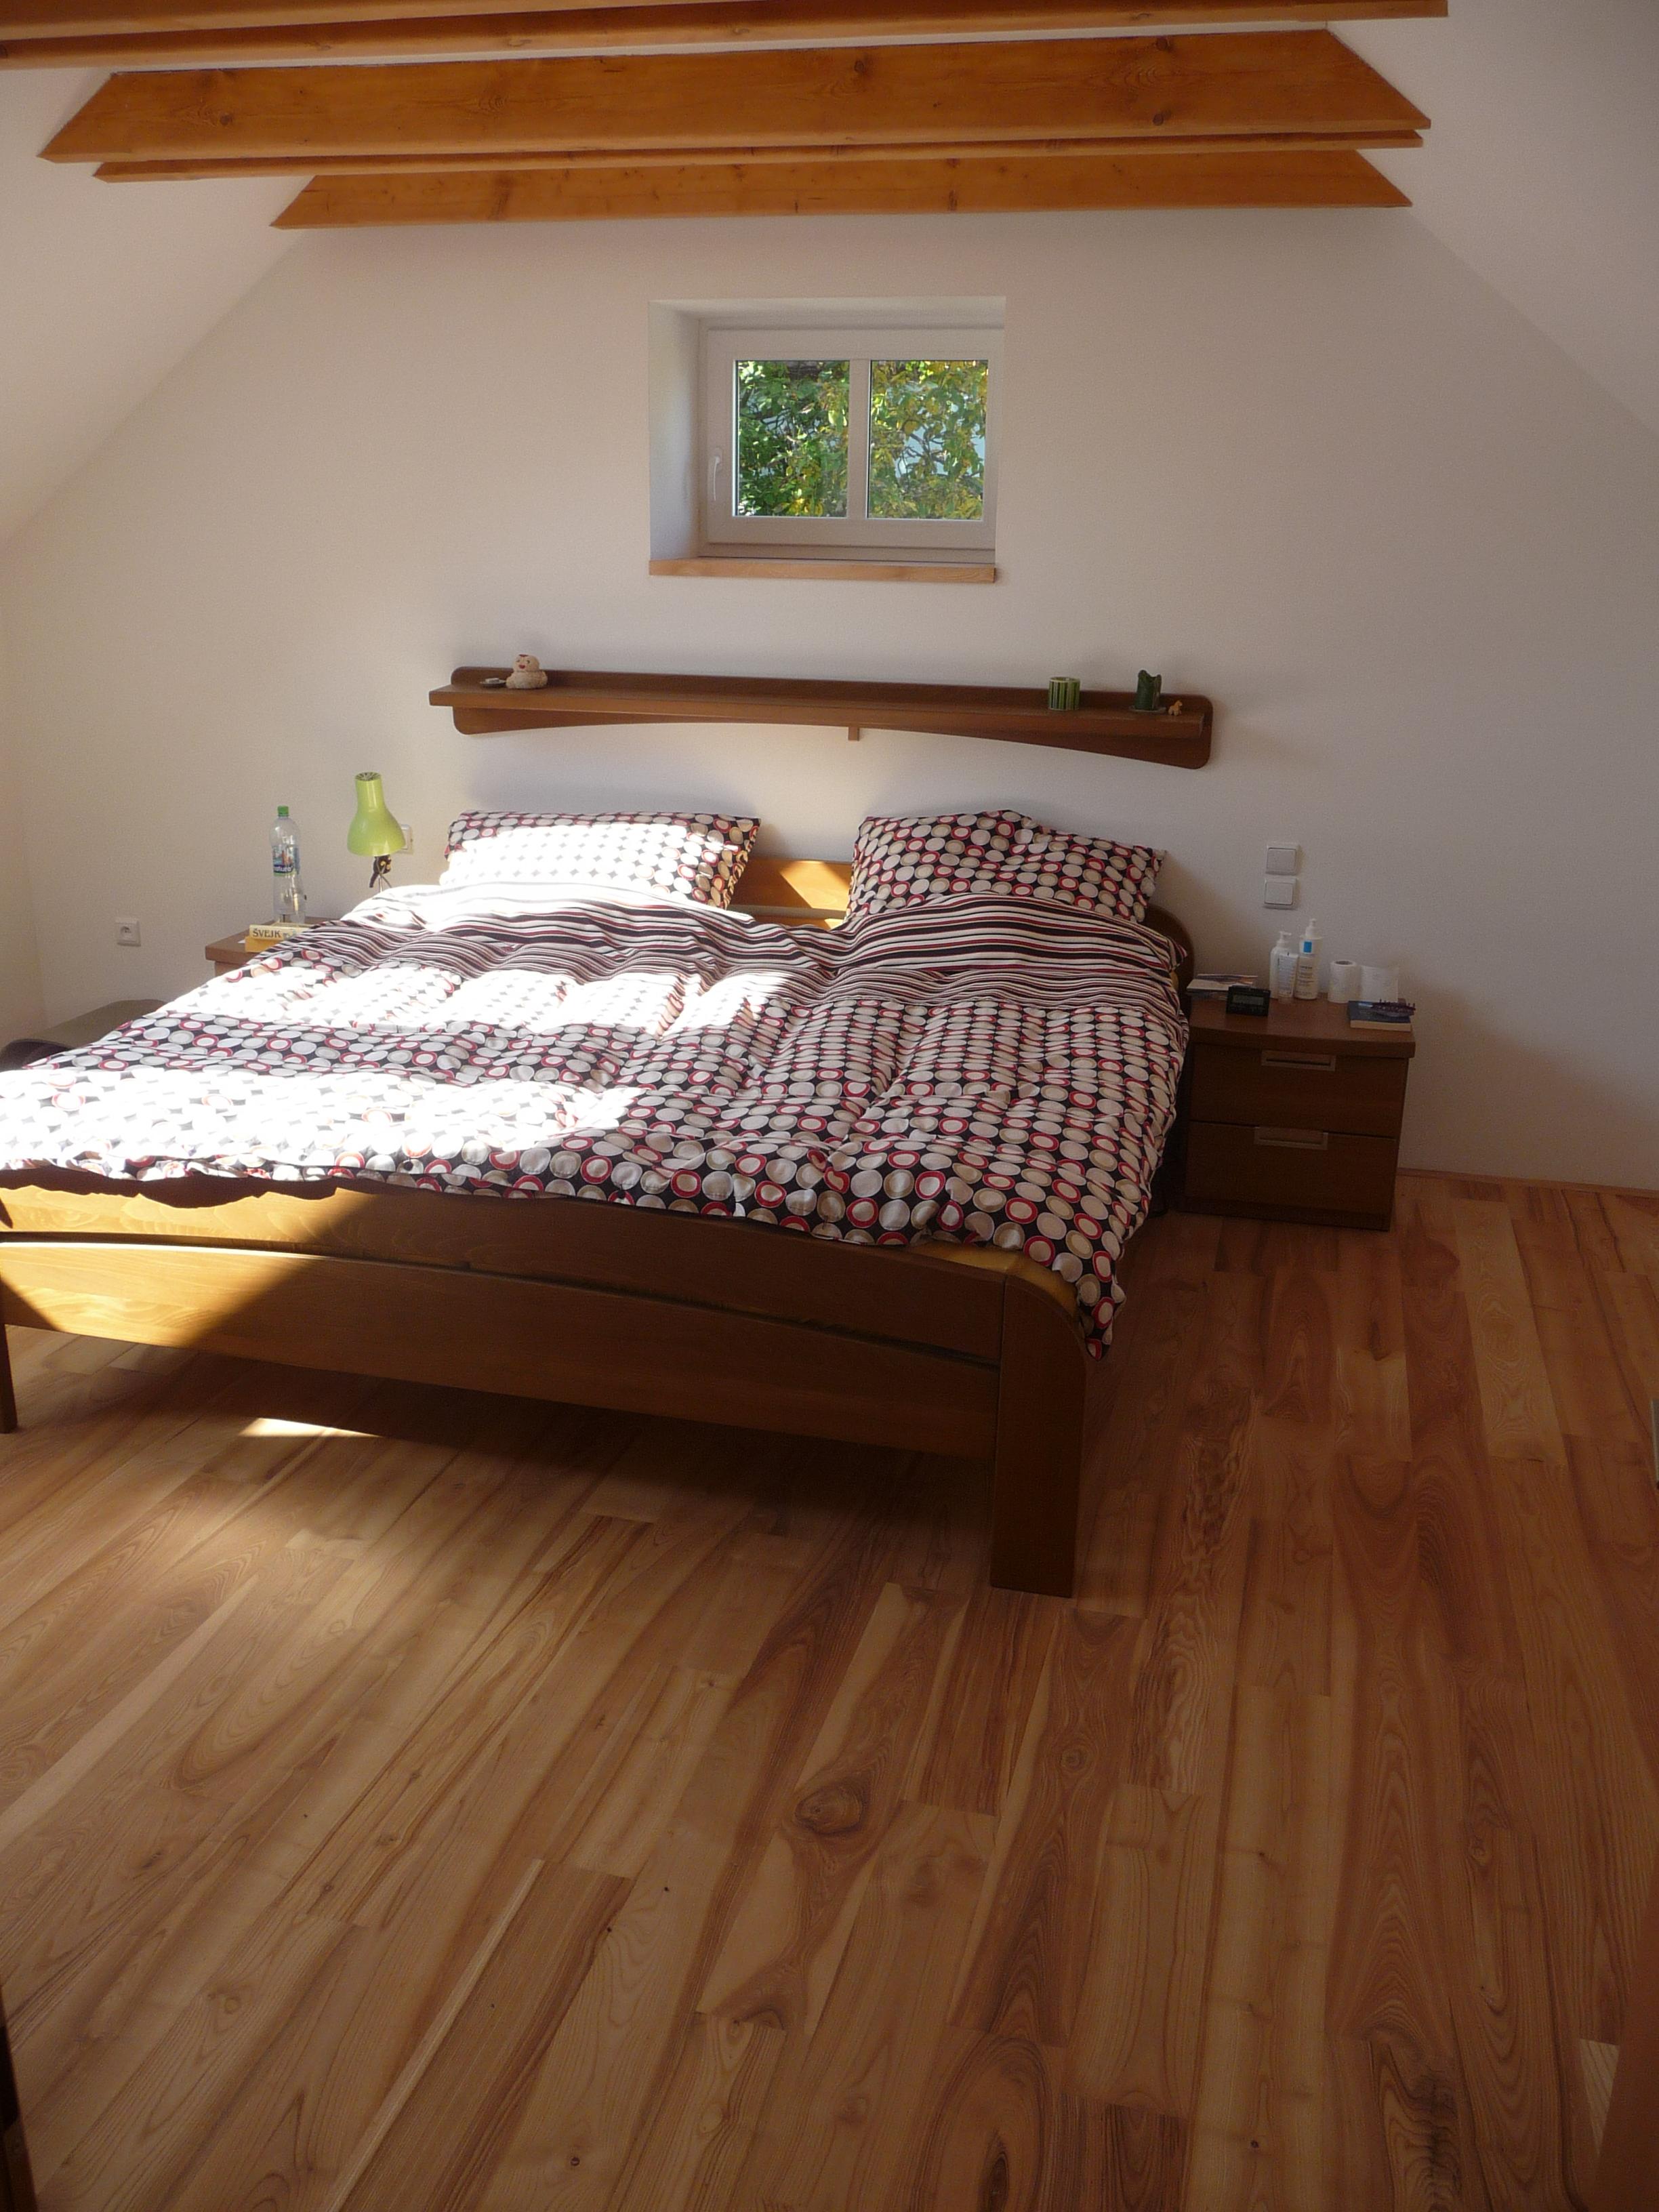 Masivní buková postel na jasanové podlaze